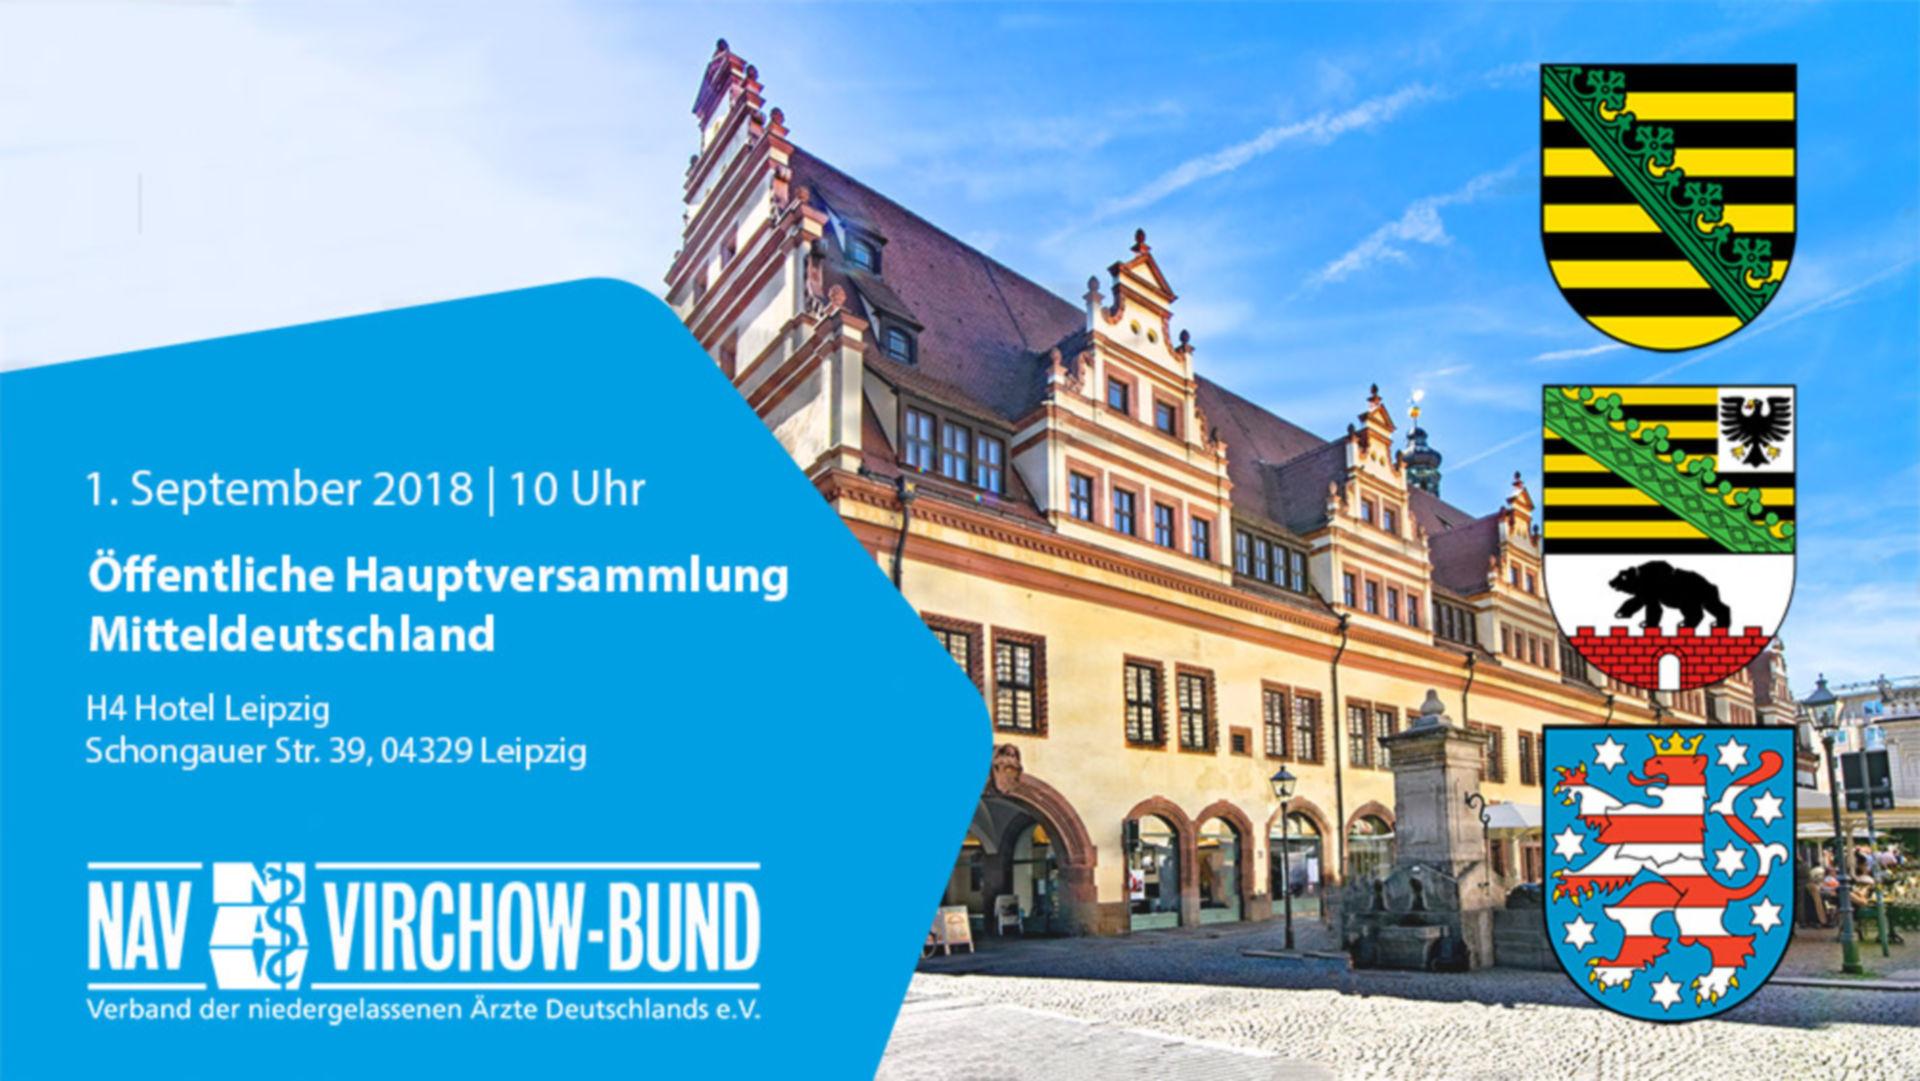 1.9.2018: Landeshauptversammlung Mitteldeutschland im NAV-Virchow-Bund